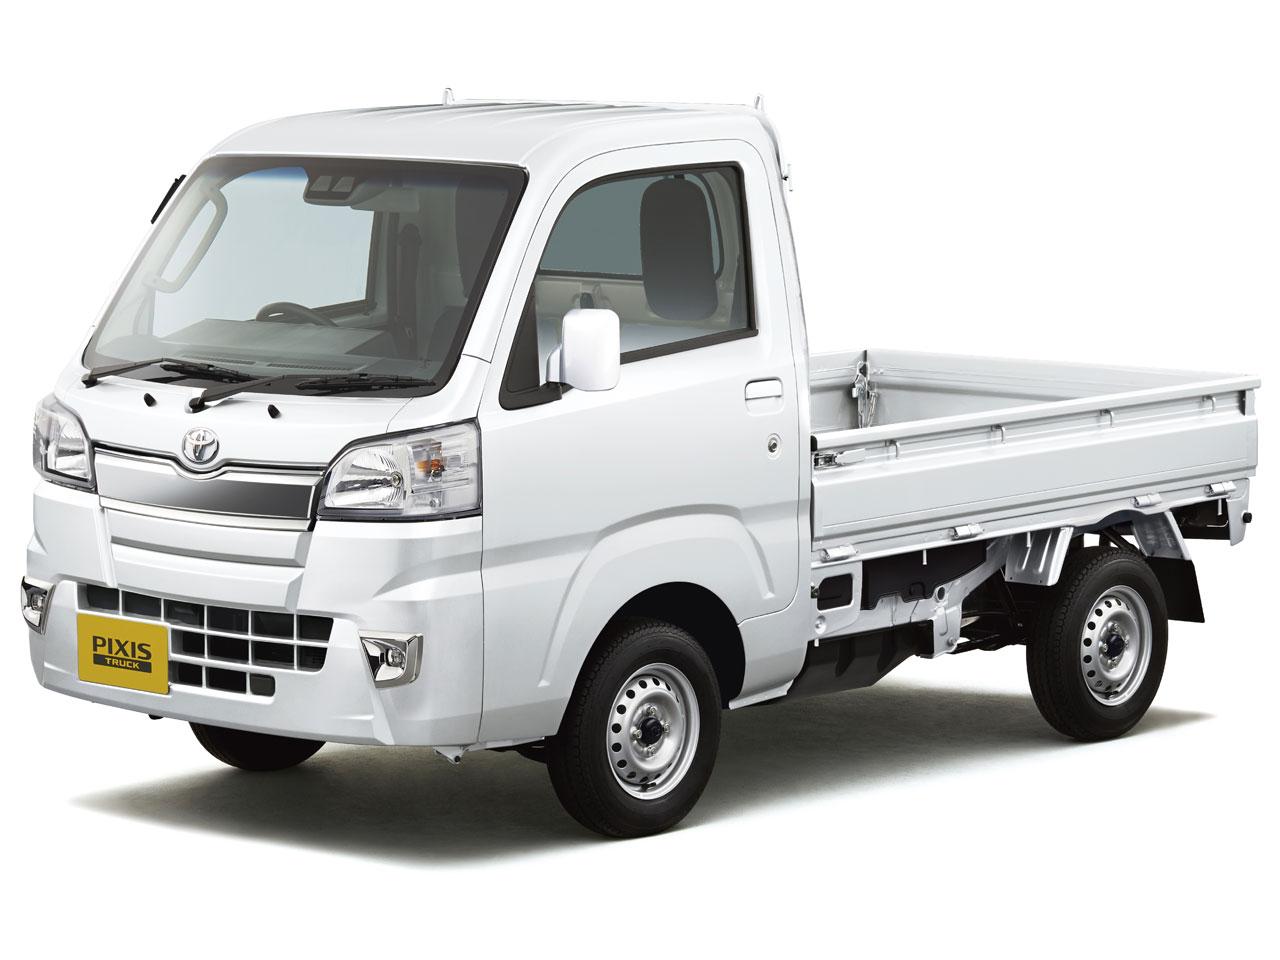 トヨタ ピクシス トラック 2014年モデル 新車画像